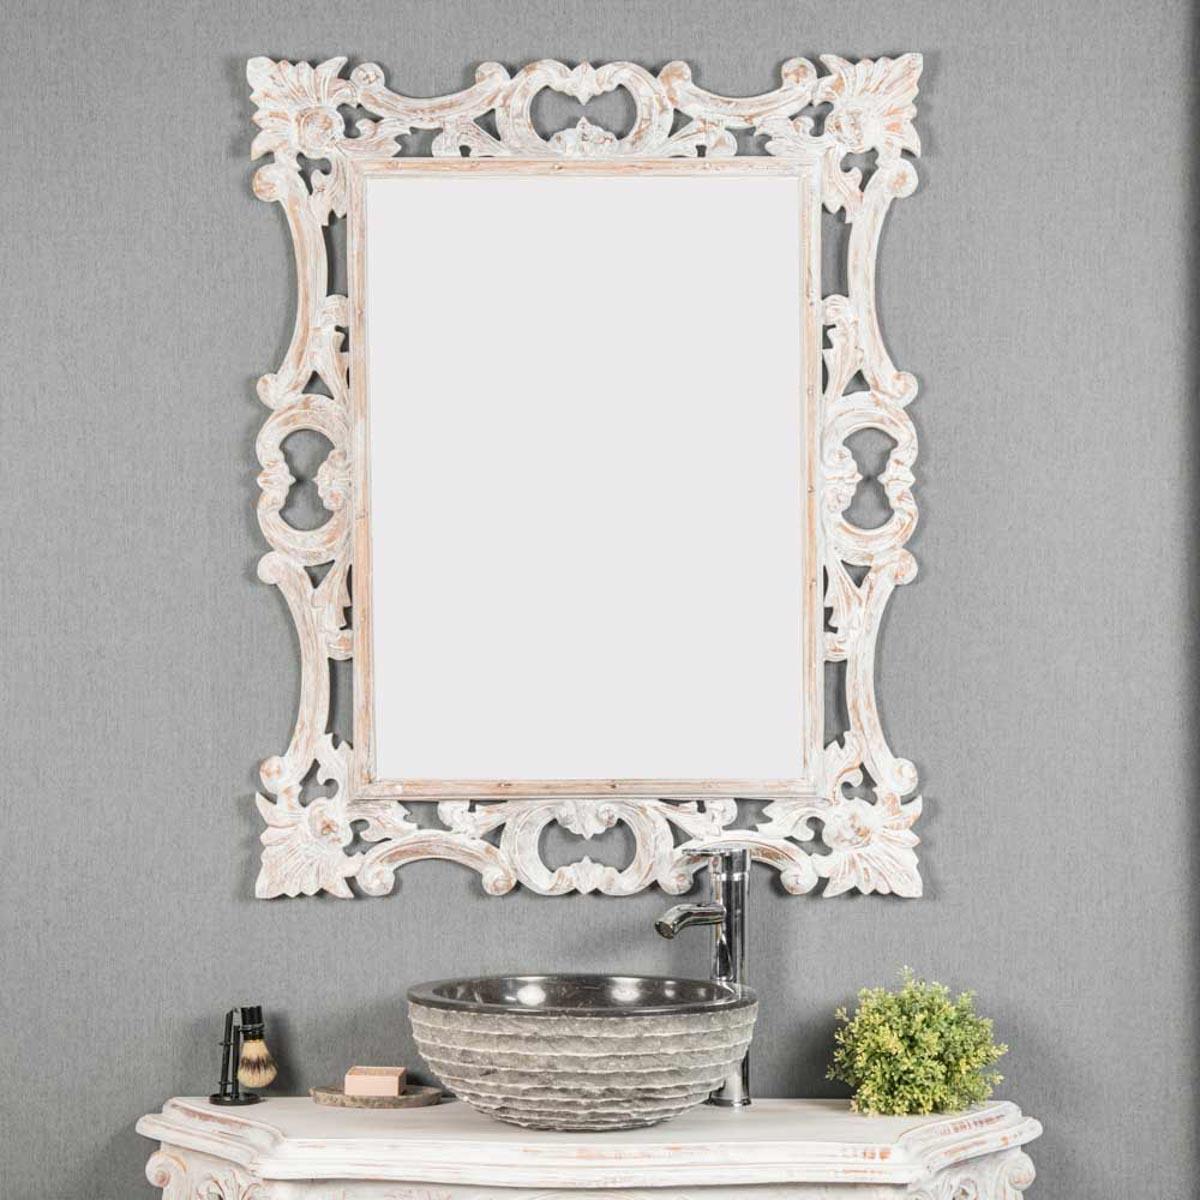 miroir de d coration en bois massif baroque rectangulaire bois patin blanc l 100 cm. Black Bedroom Furniture Sets. Home Design Ideas